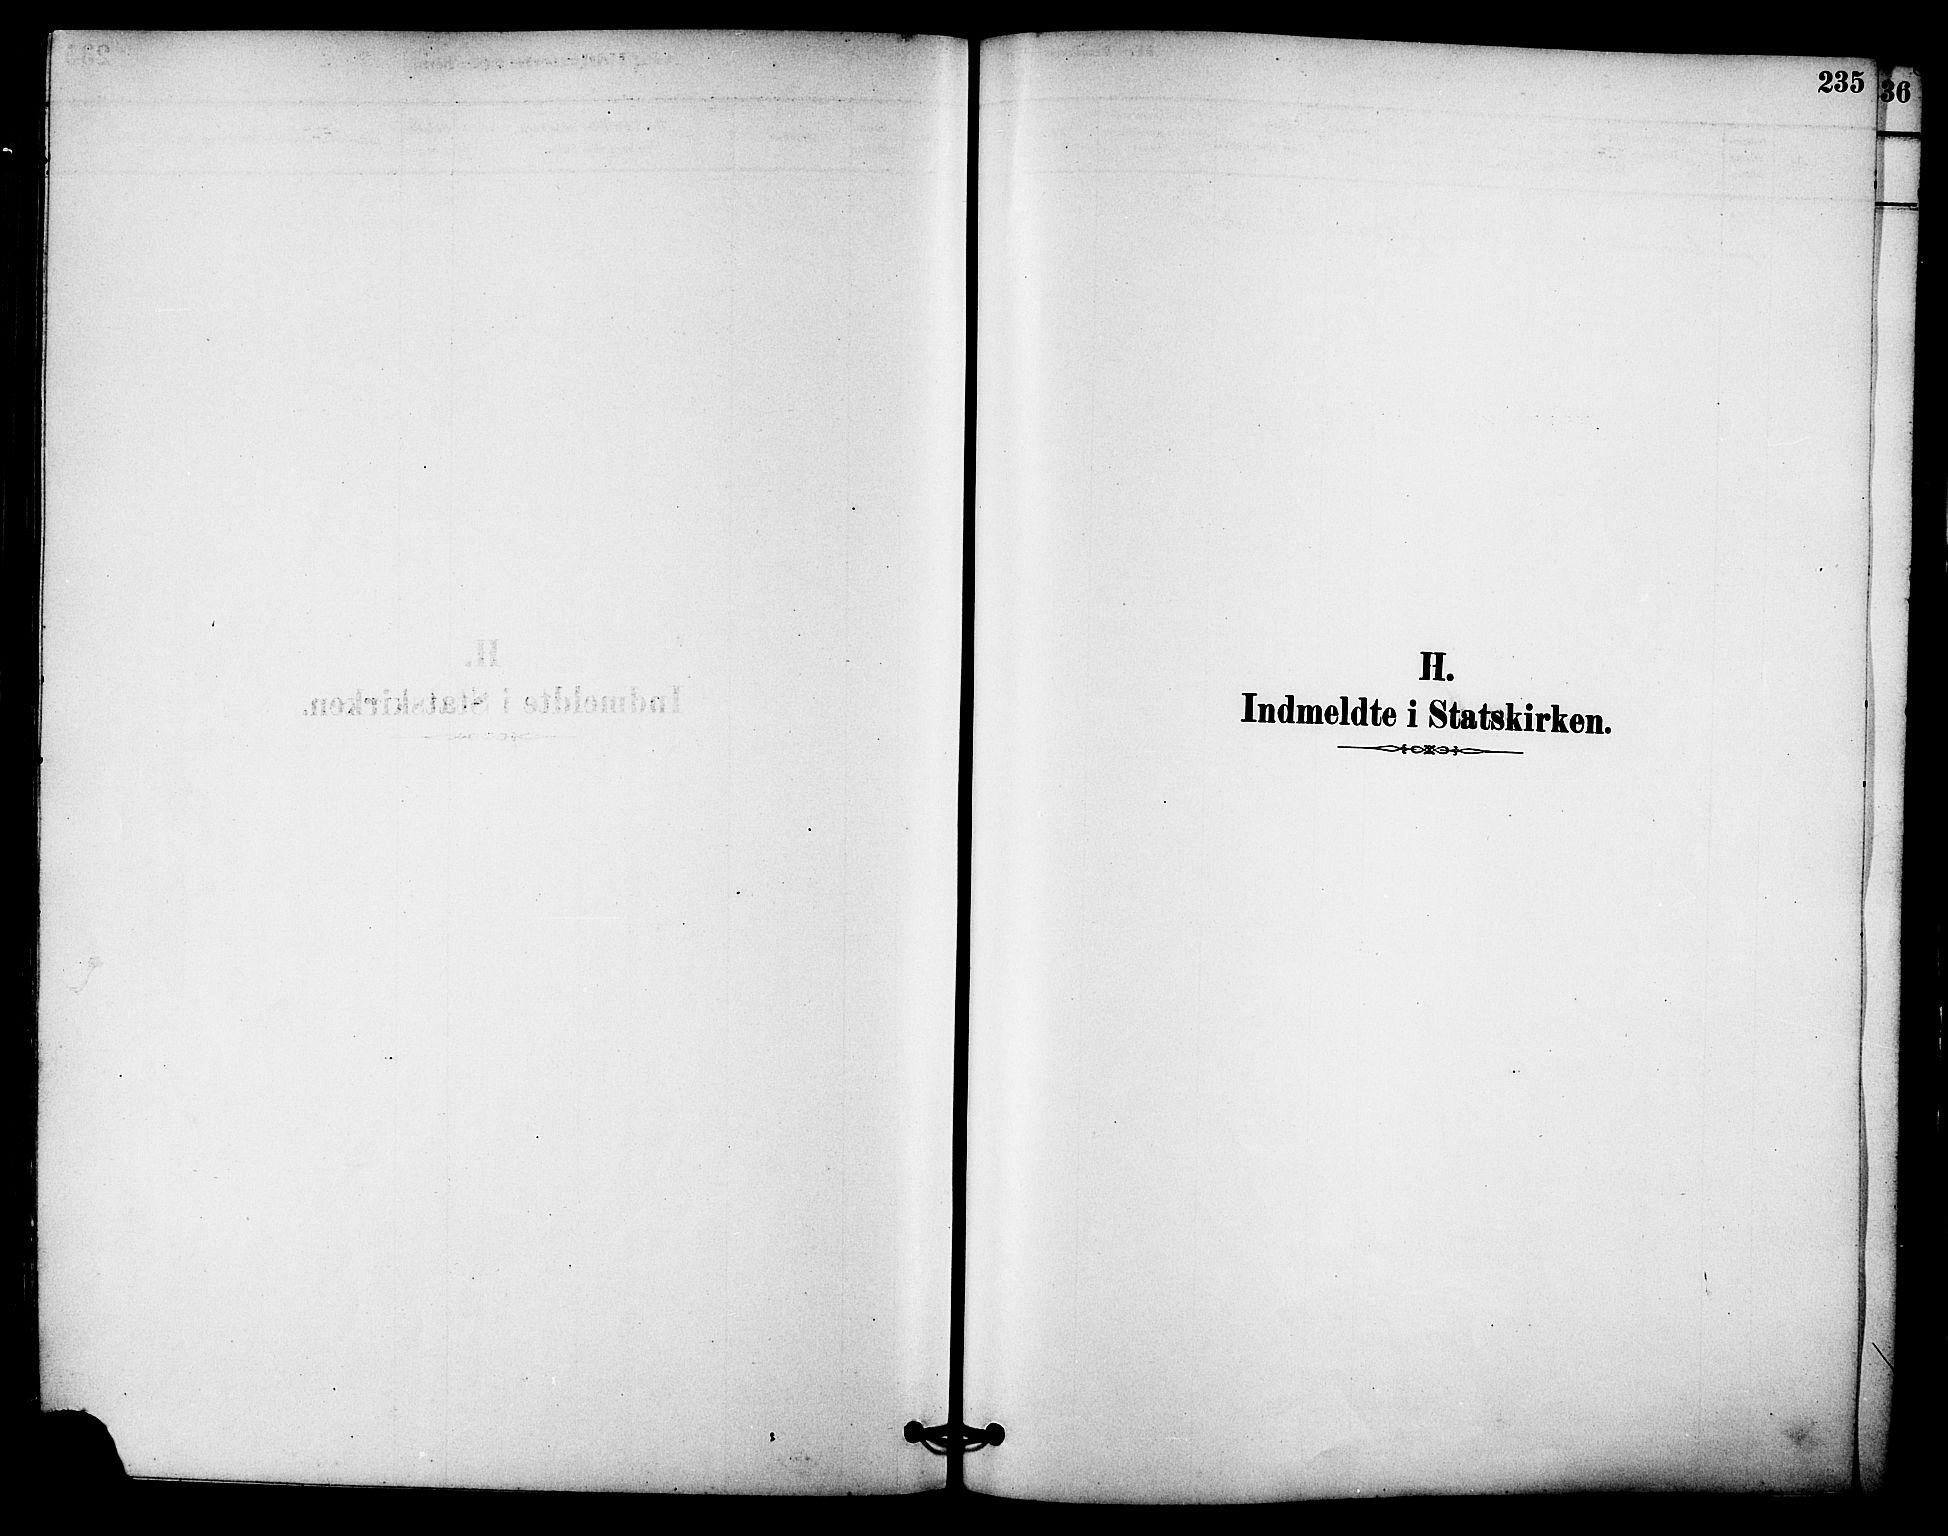 SAT, Ministerialprotokoller, klokkerbøker og fødselsregistre - Sør-Trøndelag, 612/L0378: Ministerialbok nr. 612A10, 1878-1897, s. 235